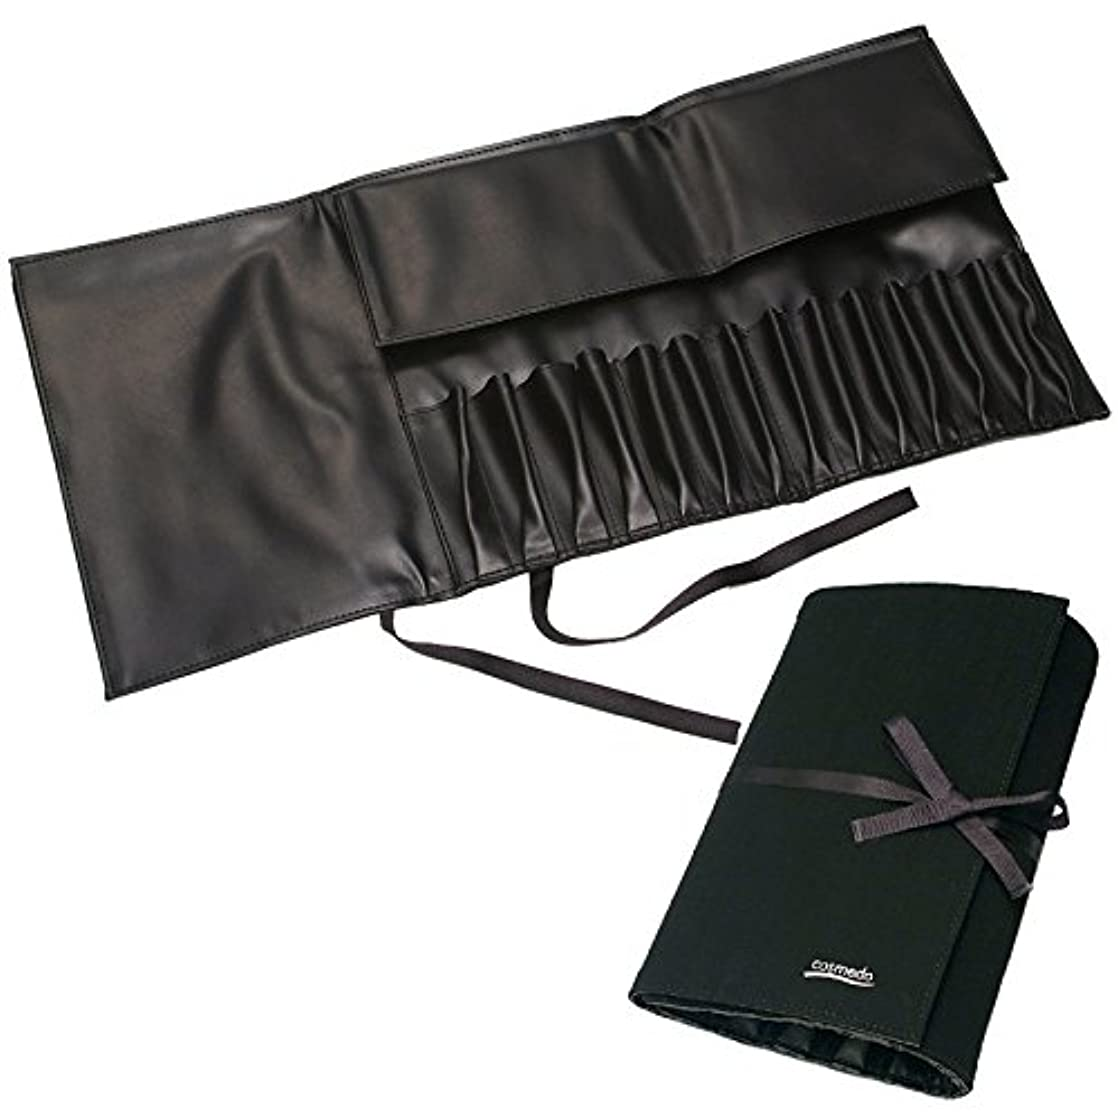 ニュージーランドワゴンペインギリック匠の化粧筆コスメ堂 レギュラータイプ用メイクブラシ収納ケース大(14本収納)スウェードタイプ